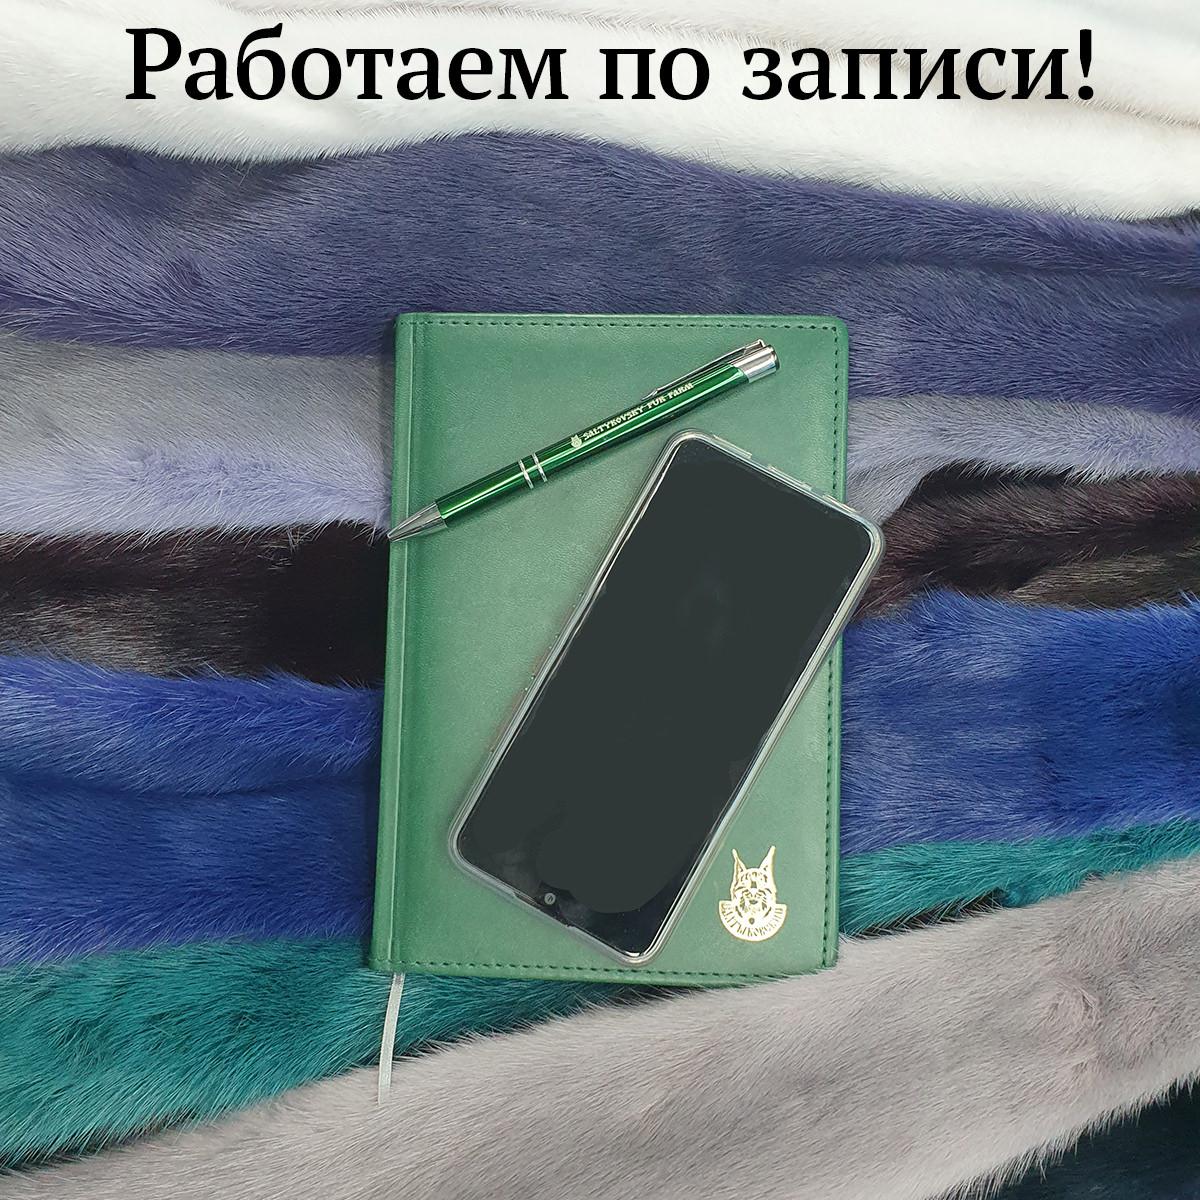 Зверосовхоз «Салтыковский» продолжает работать с учетом реалий карантинного времени!